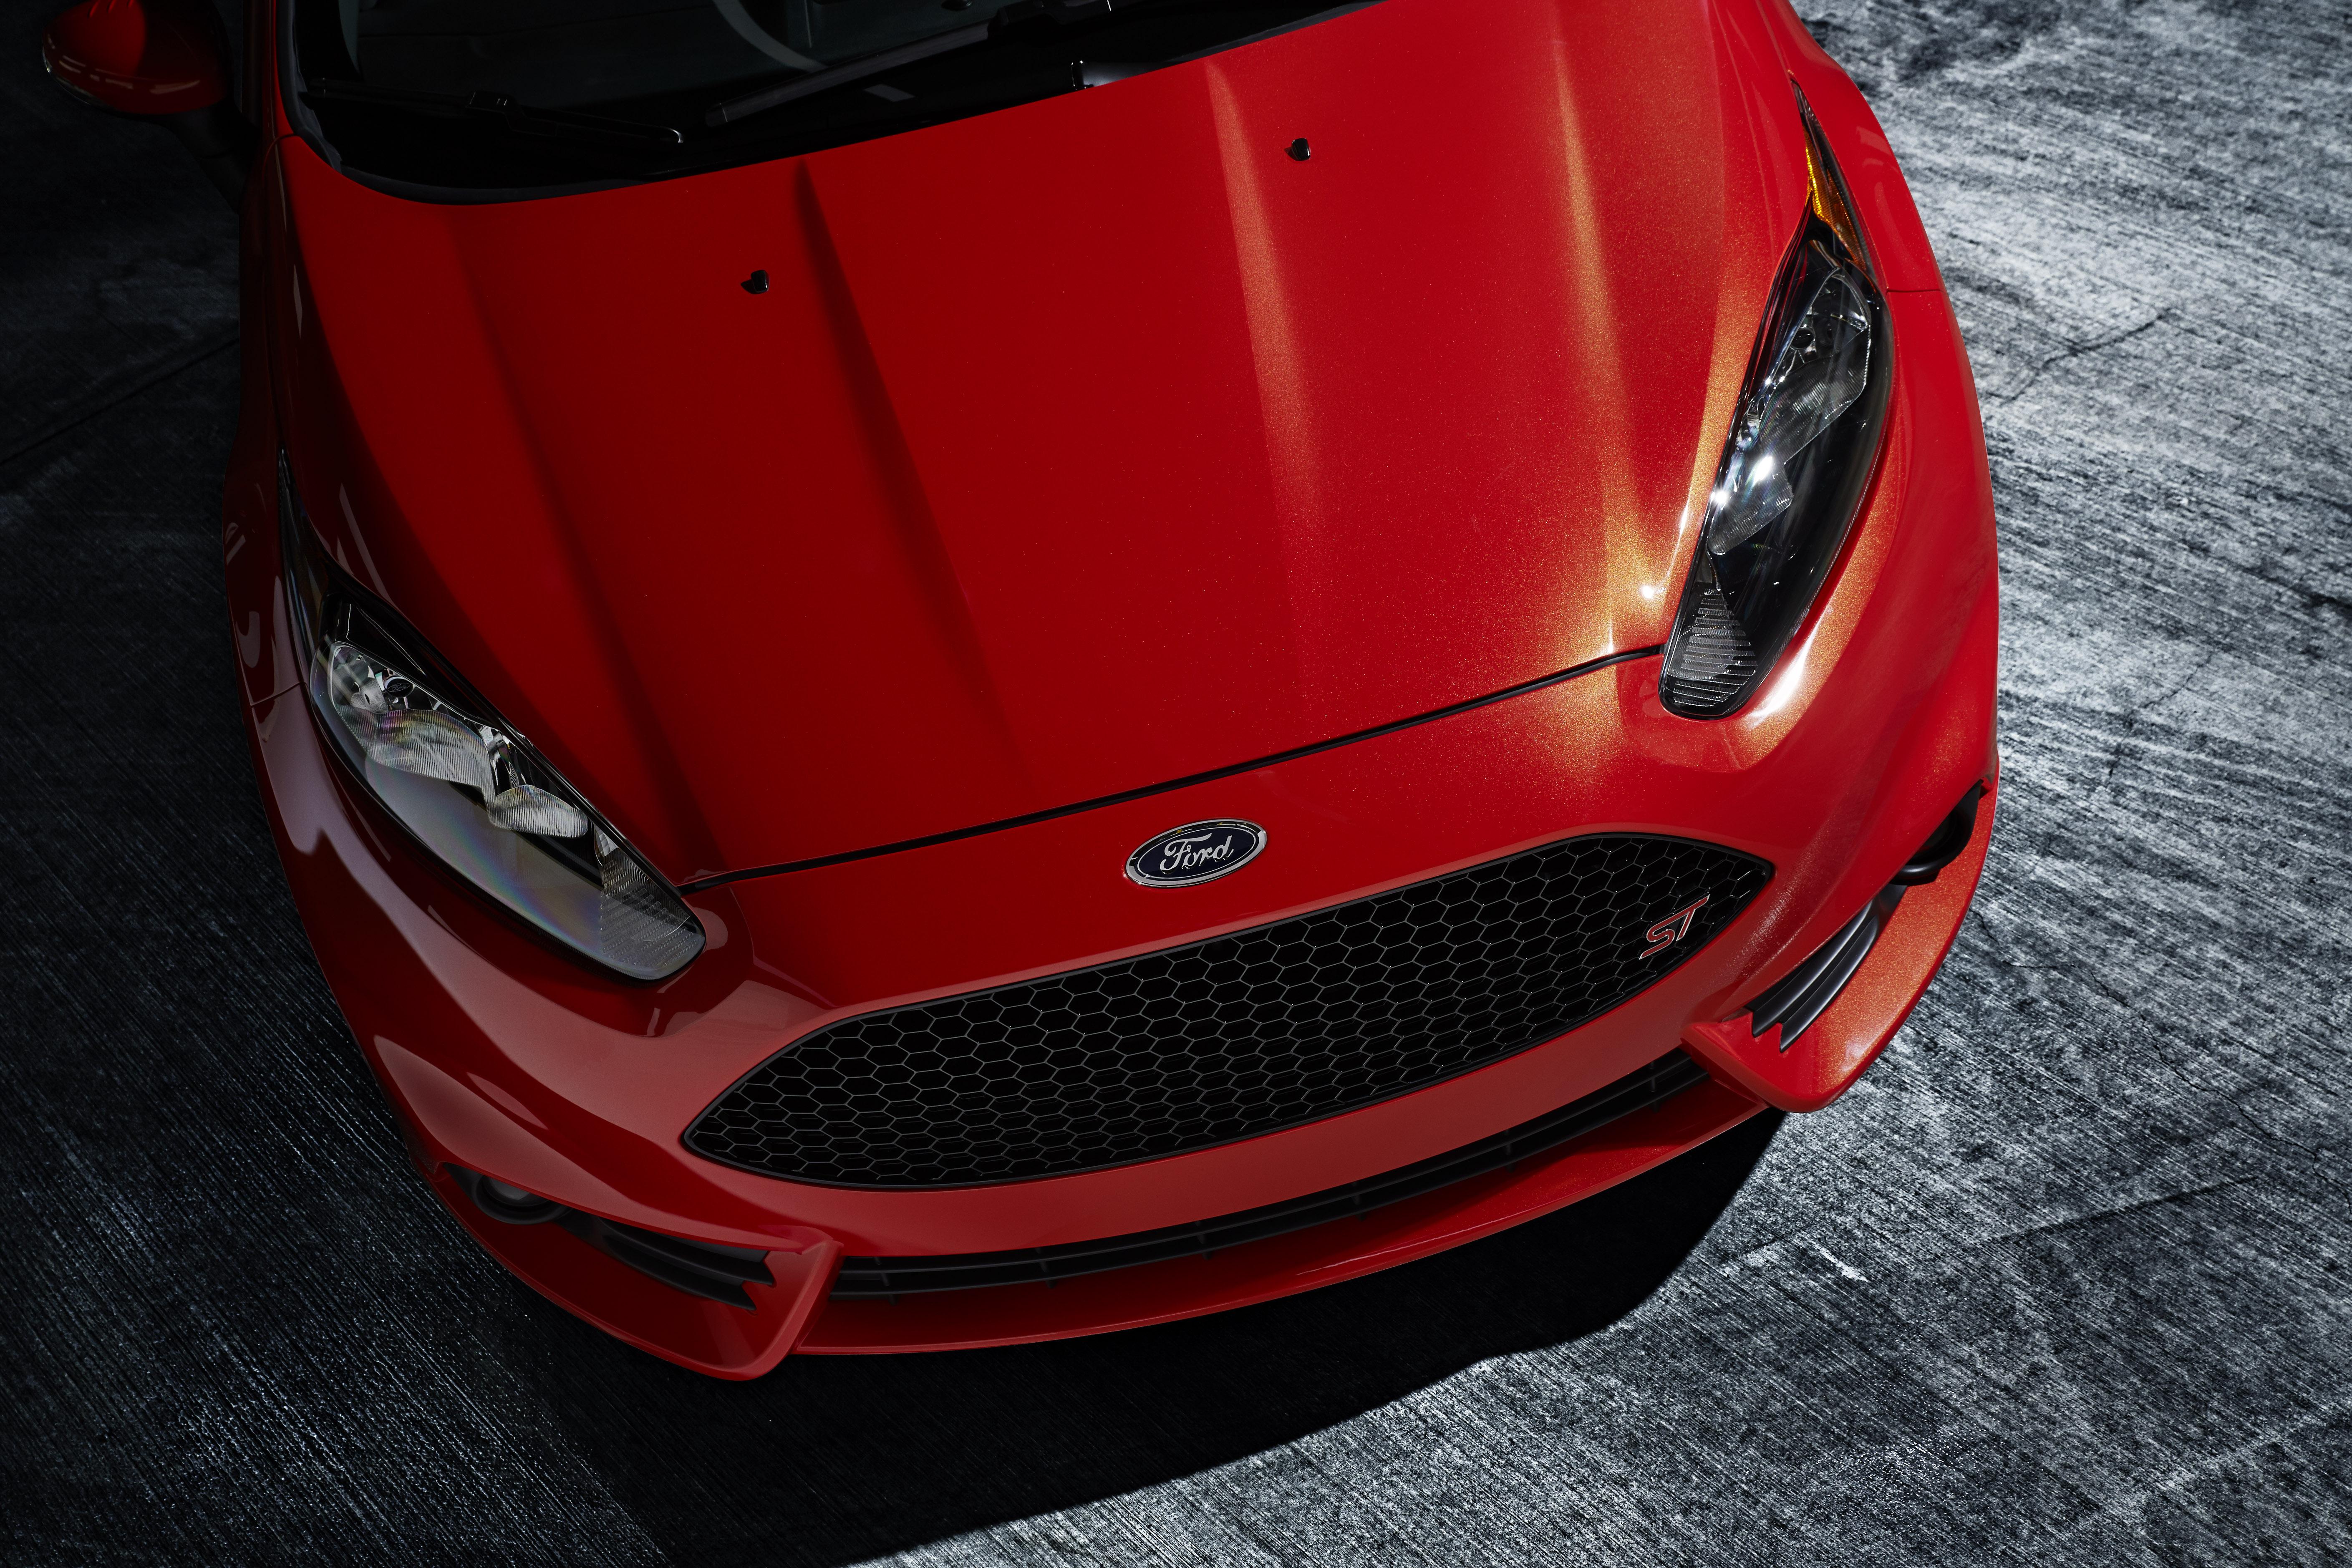 Ford Fiesta St Hd 5637x3758 Wallpaper Teahub Io